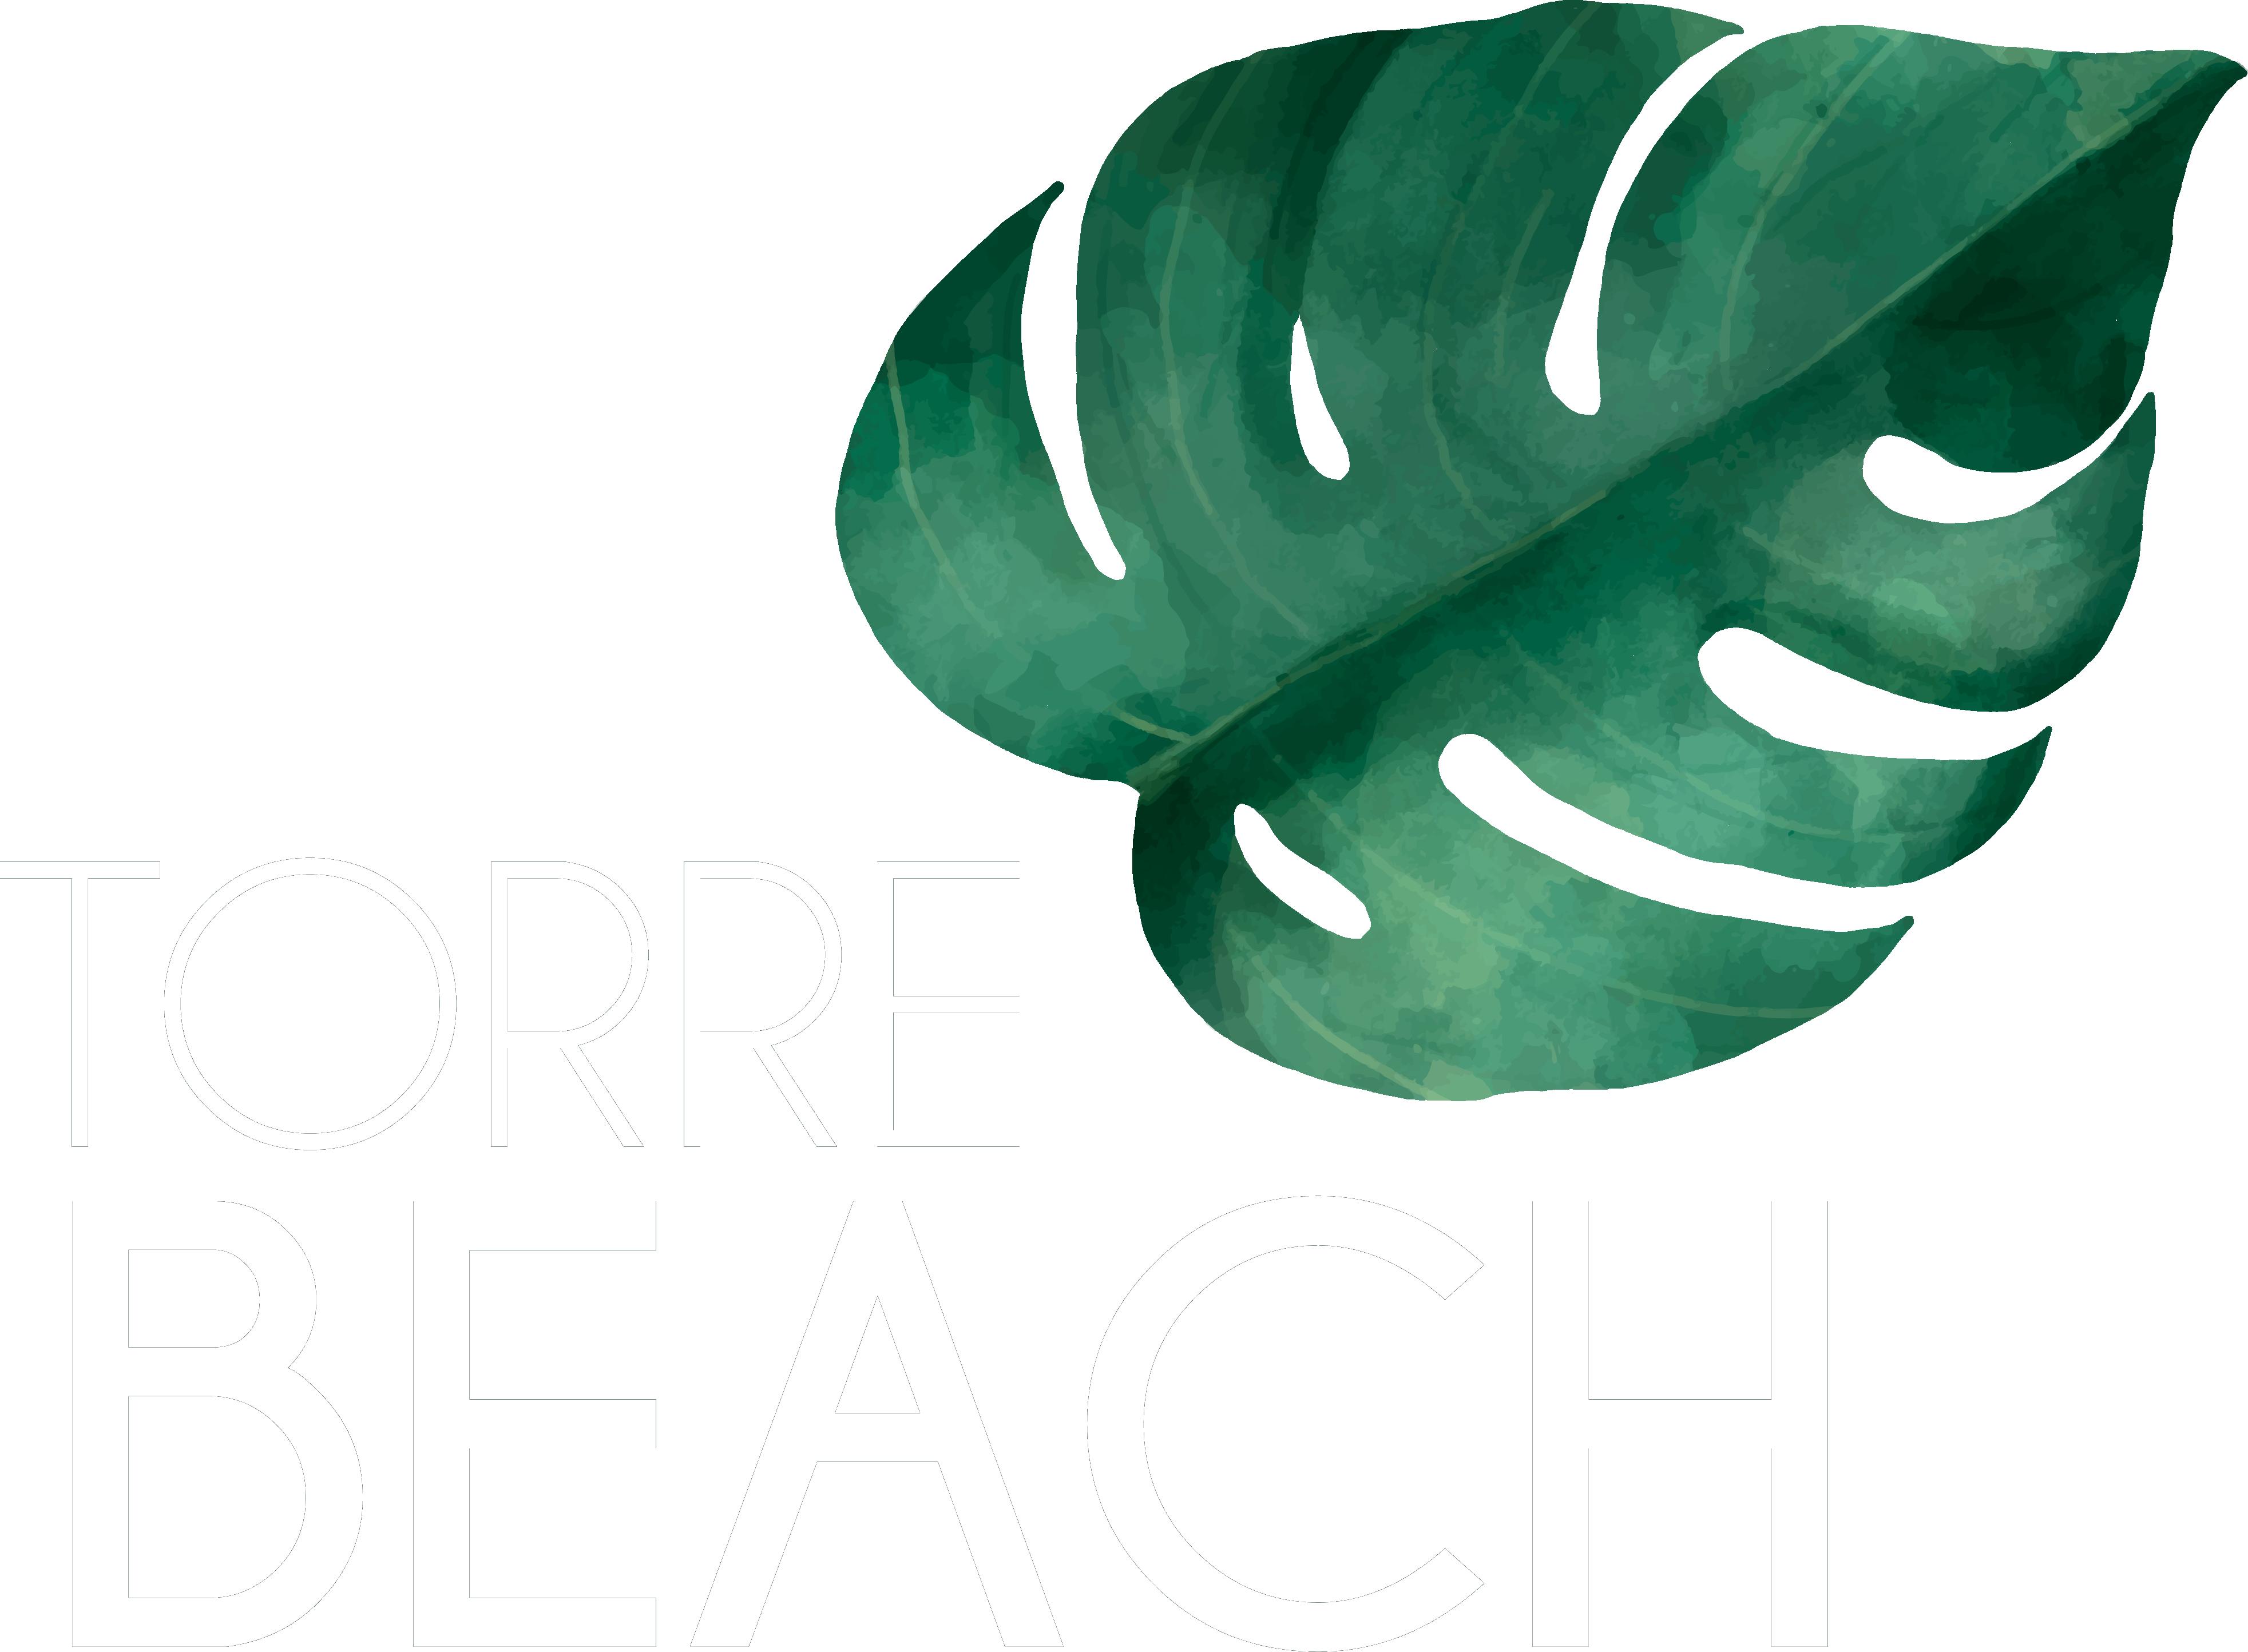 Torrebeach